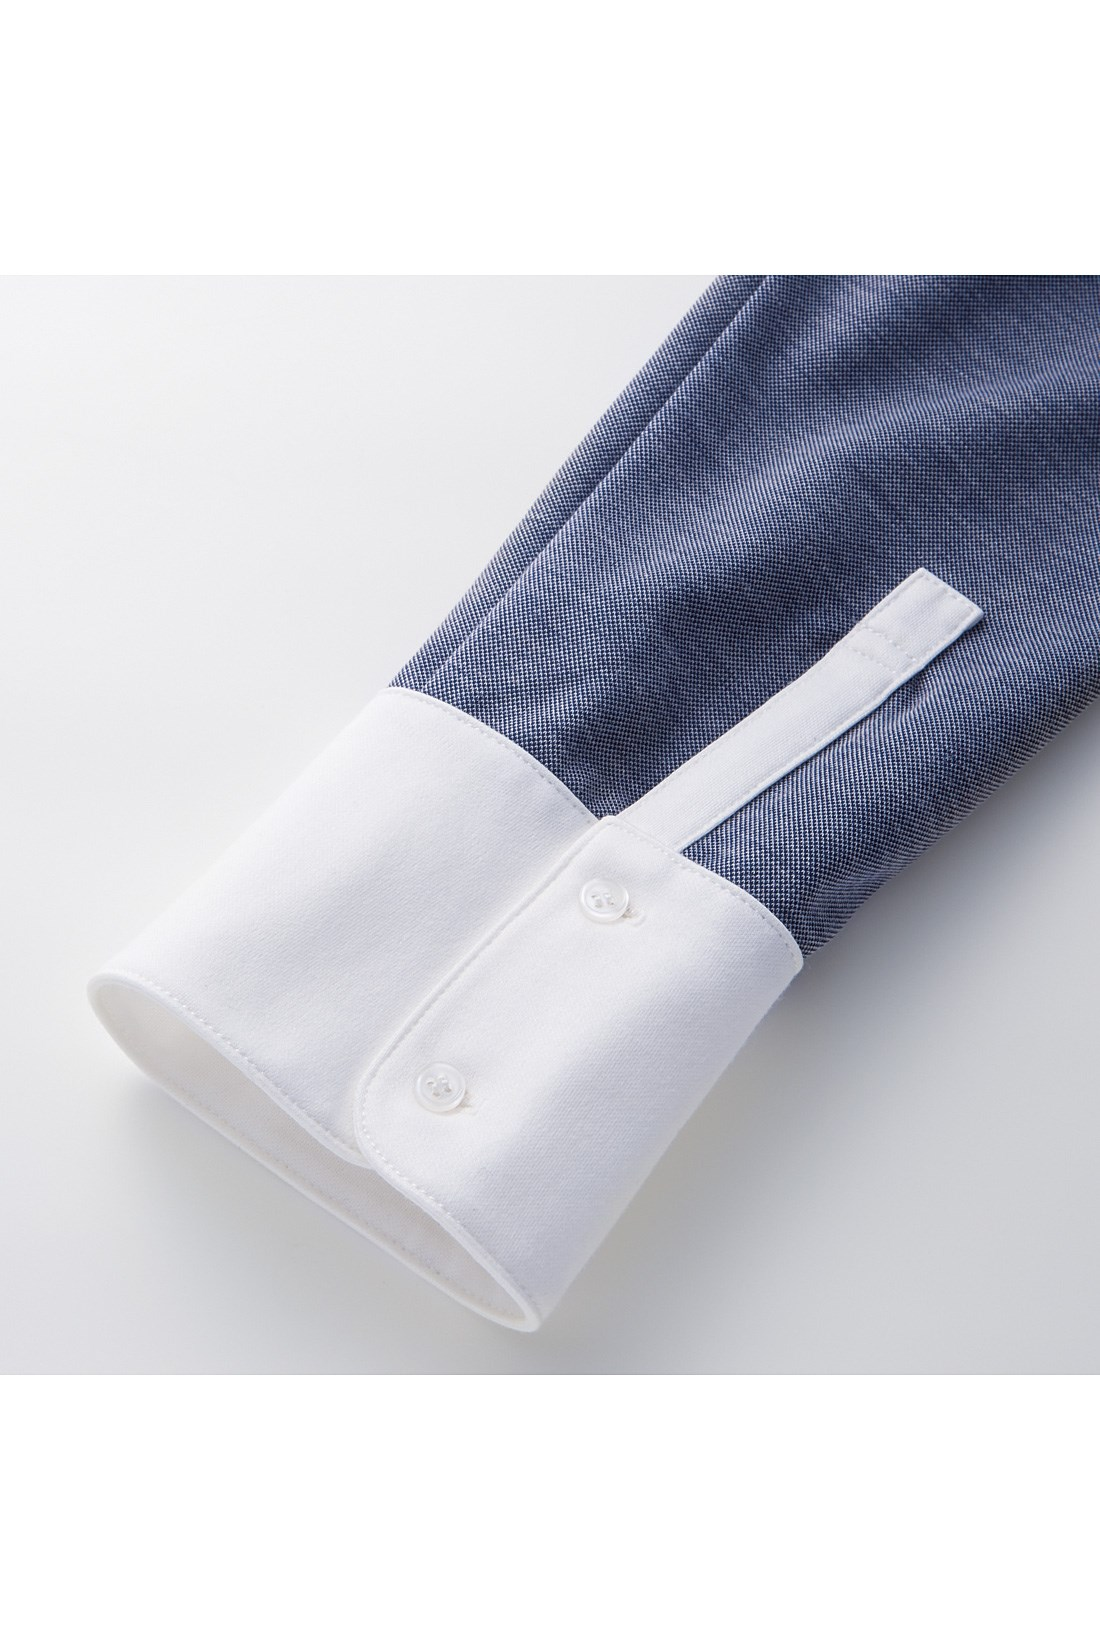 カフス部分はホワイトにして、袖口はバイカラーに。